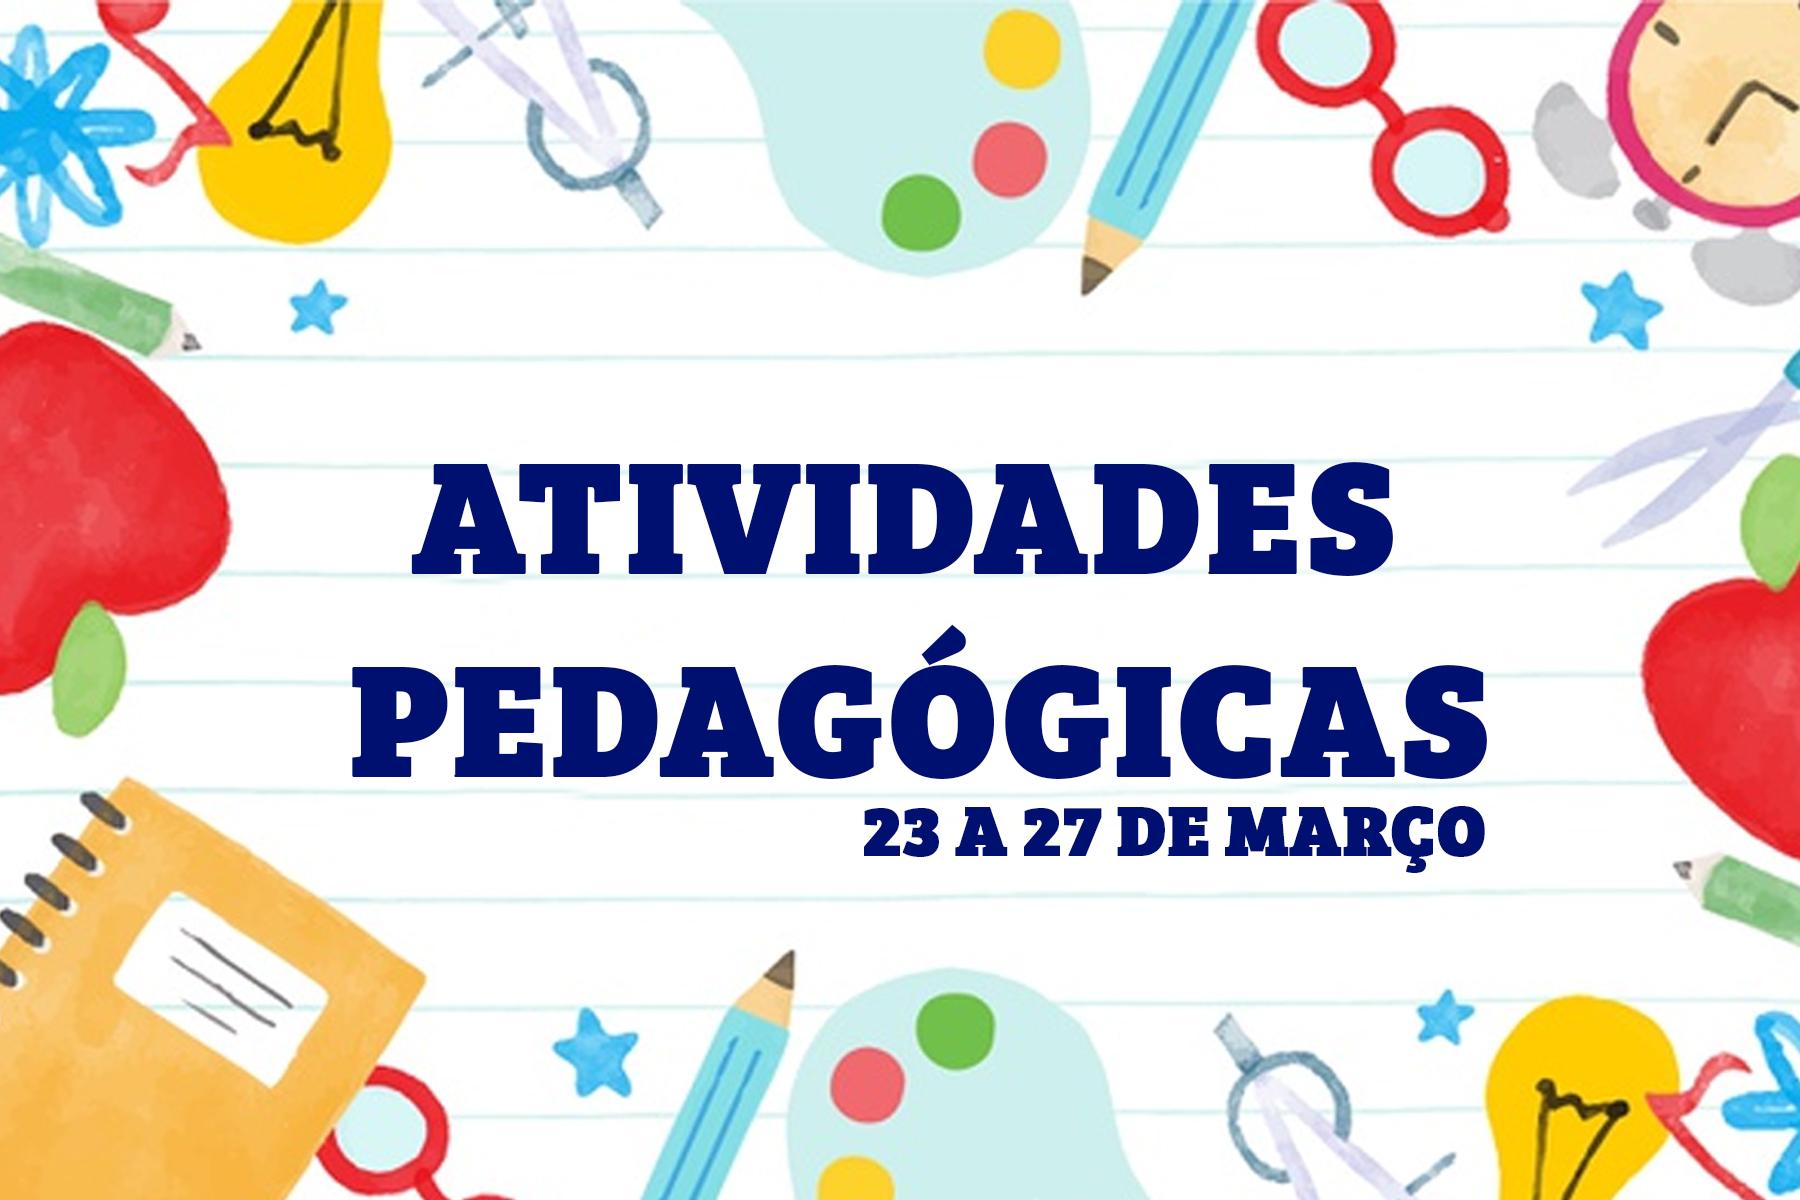 ATIVIDADES PEDAGÓGICAS | 23 A 27 DE MARÇO